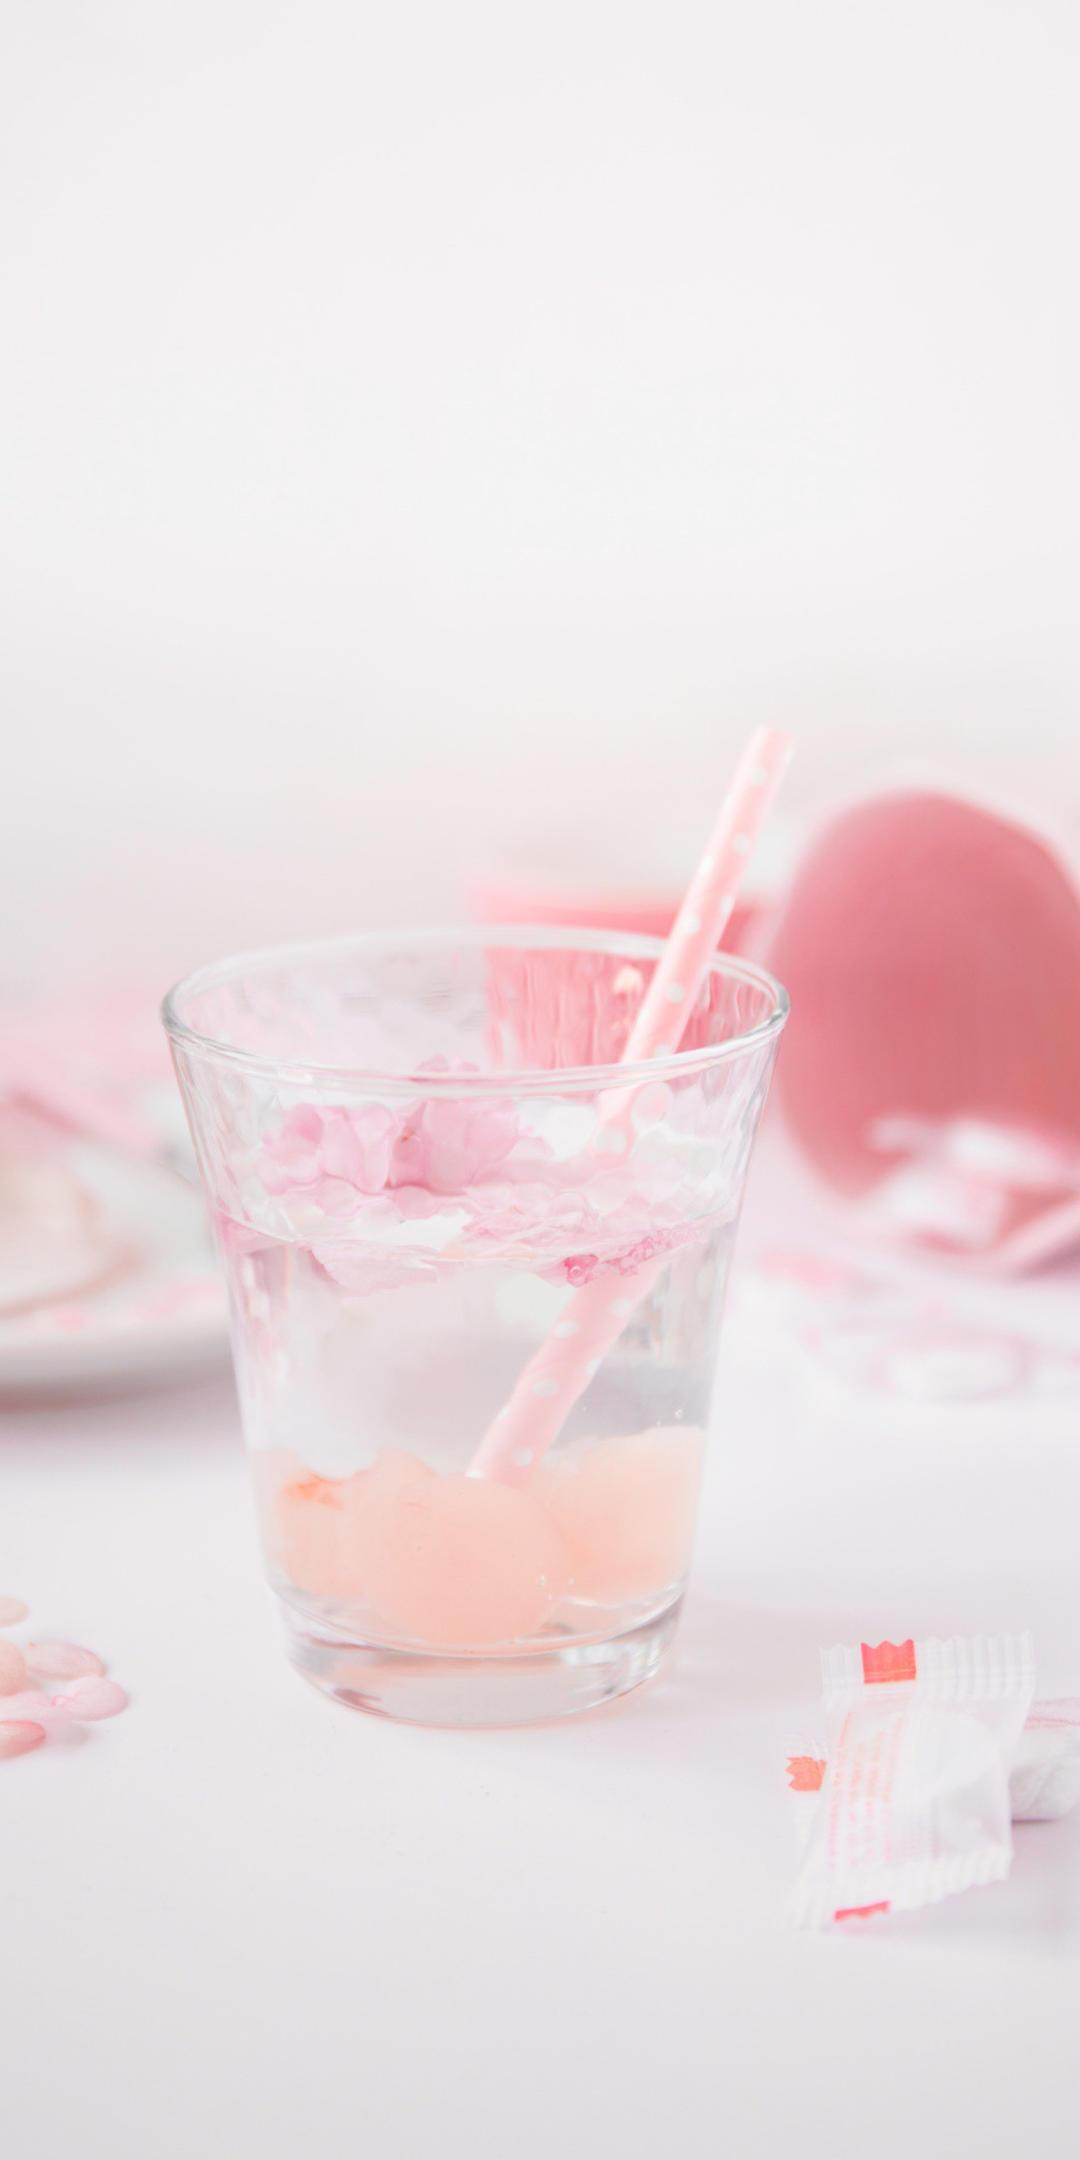 粉色系少女心手机壁纸插图37